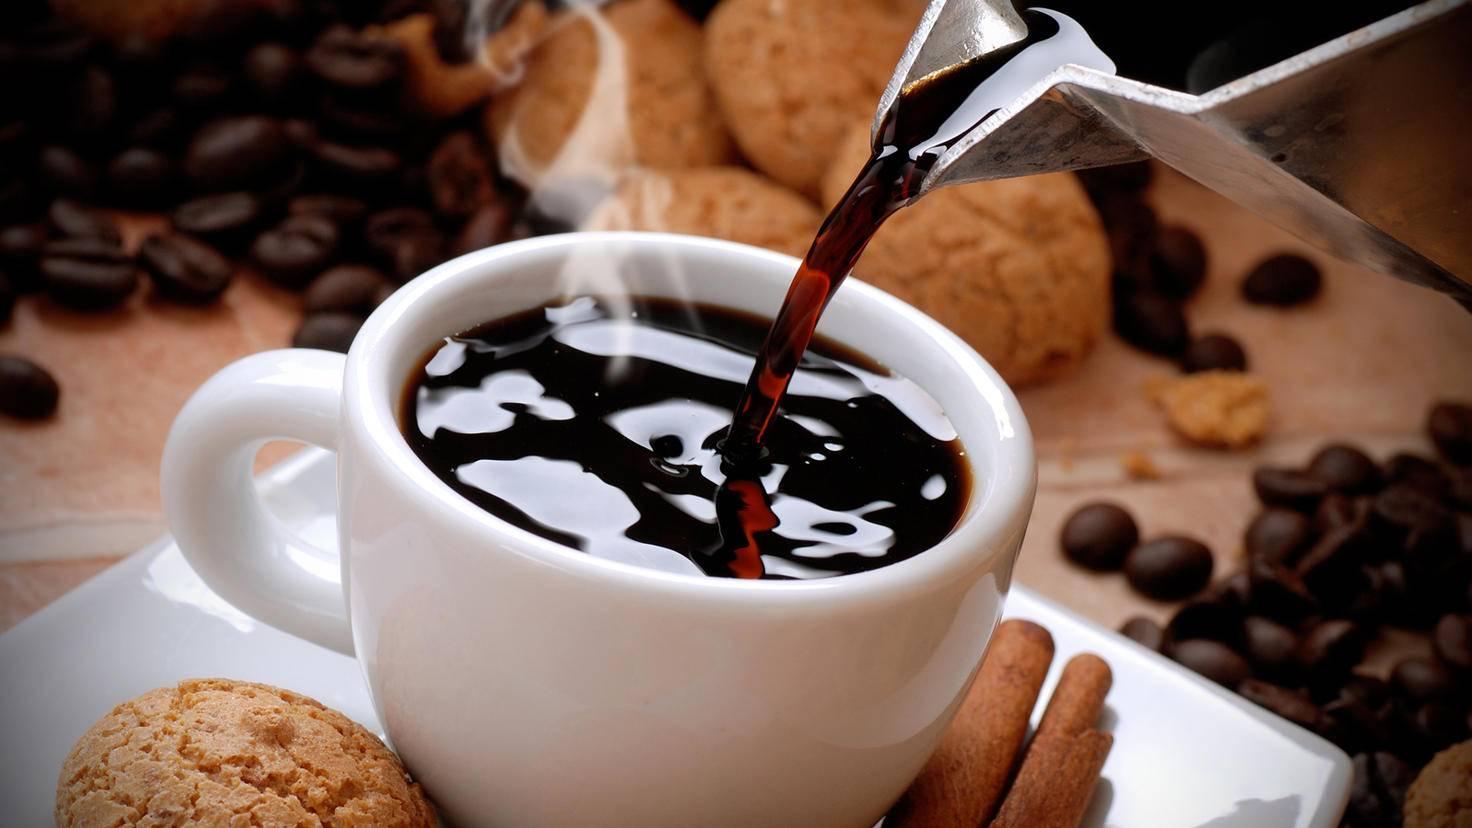 Idealerweise brühst Du nur so viel Kaffee auf, wie Du auch in den nächsten Stunden trinkst.